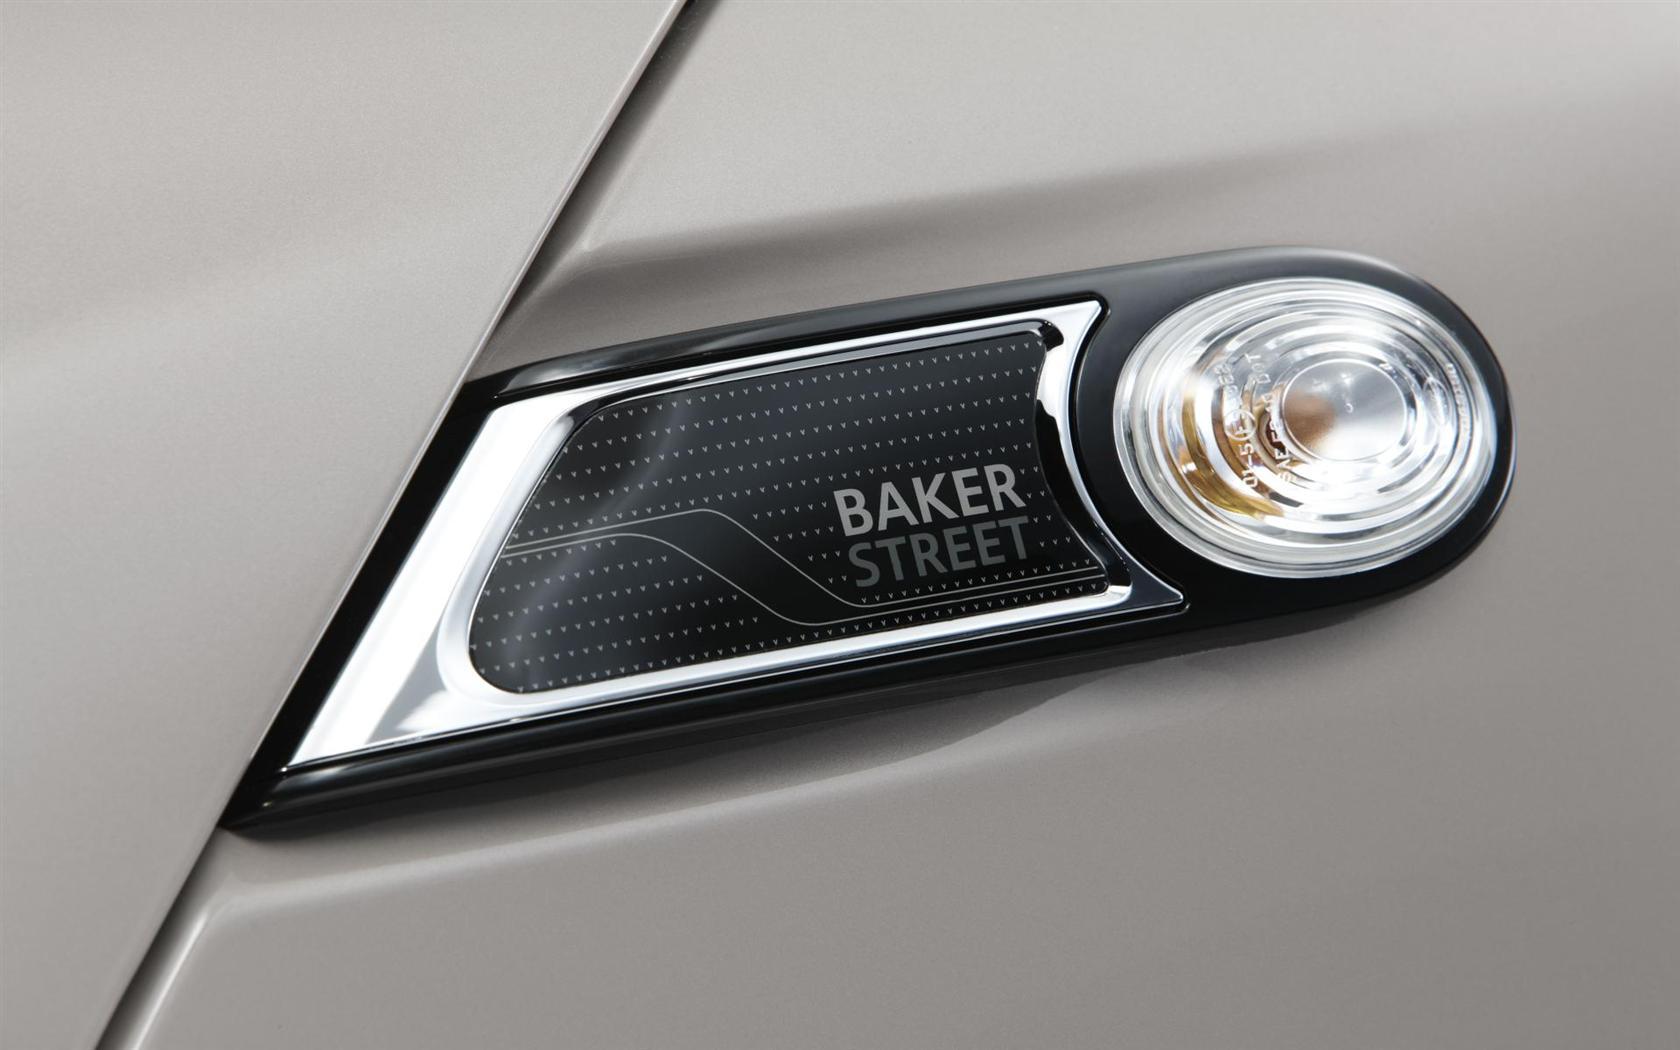 2012 MINI Cooper Baker Street